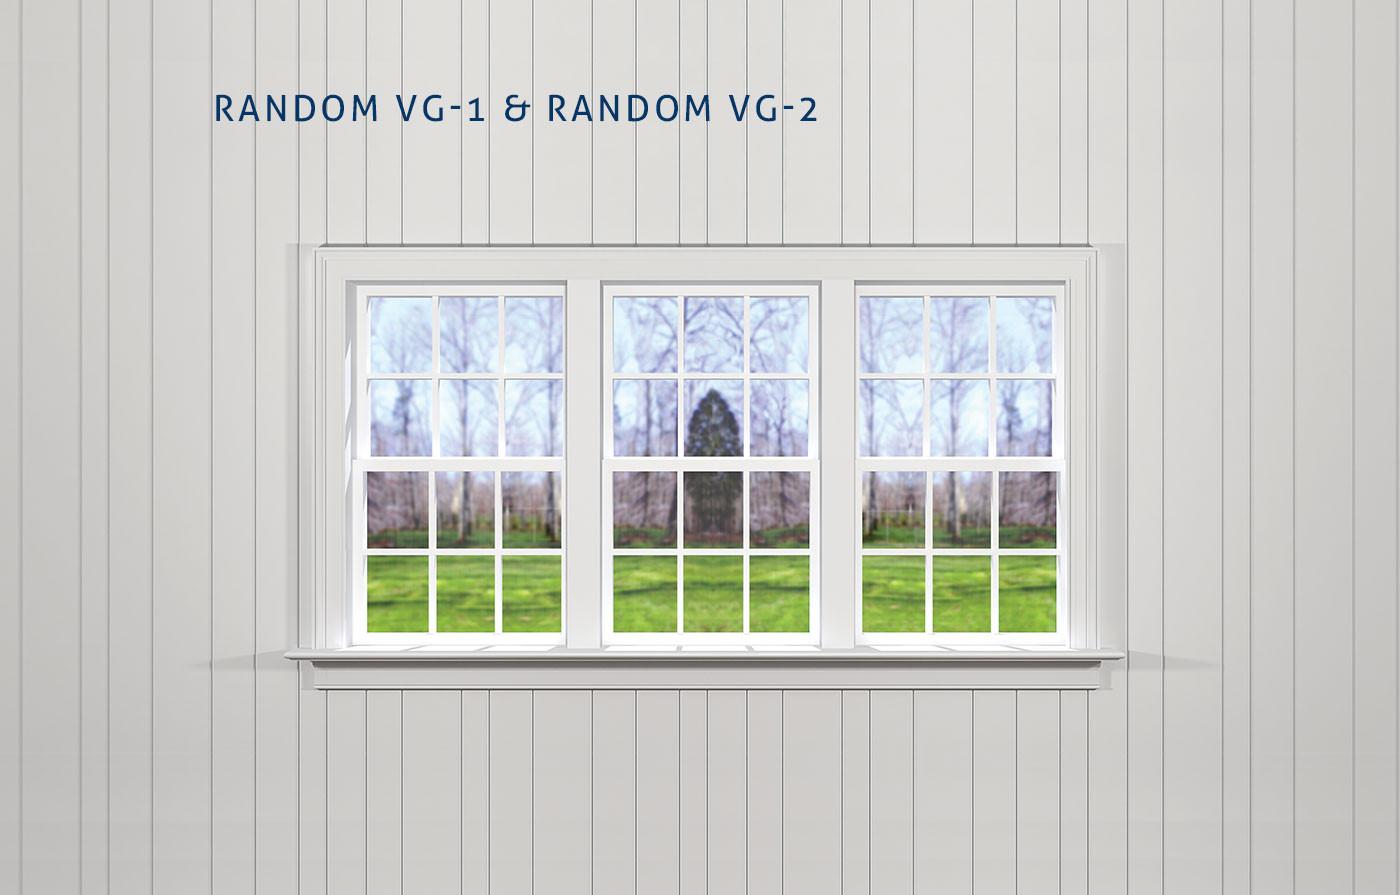 Random VG-1